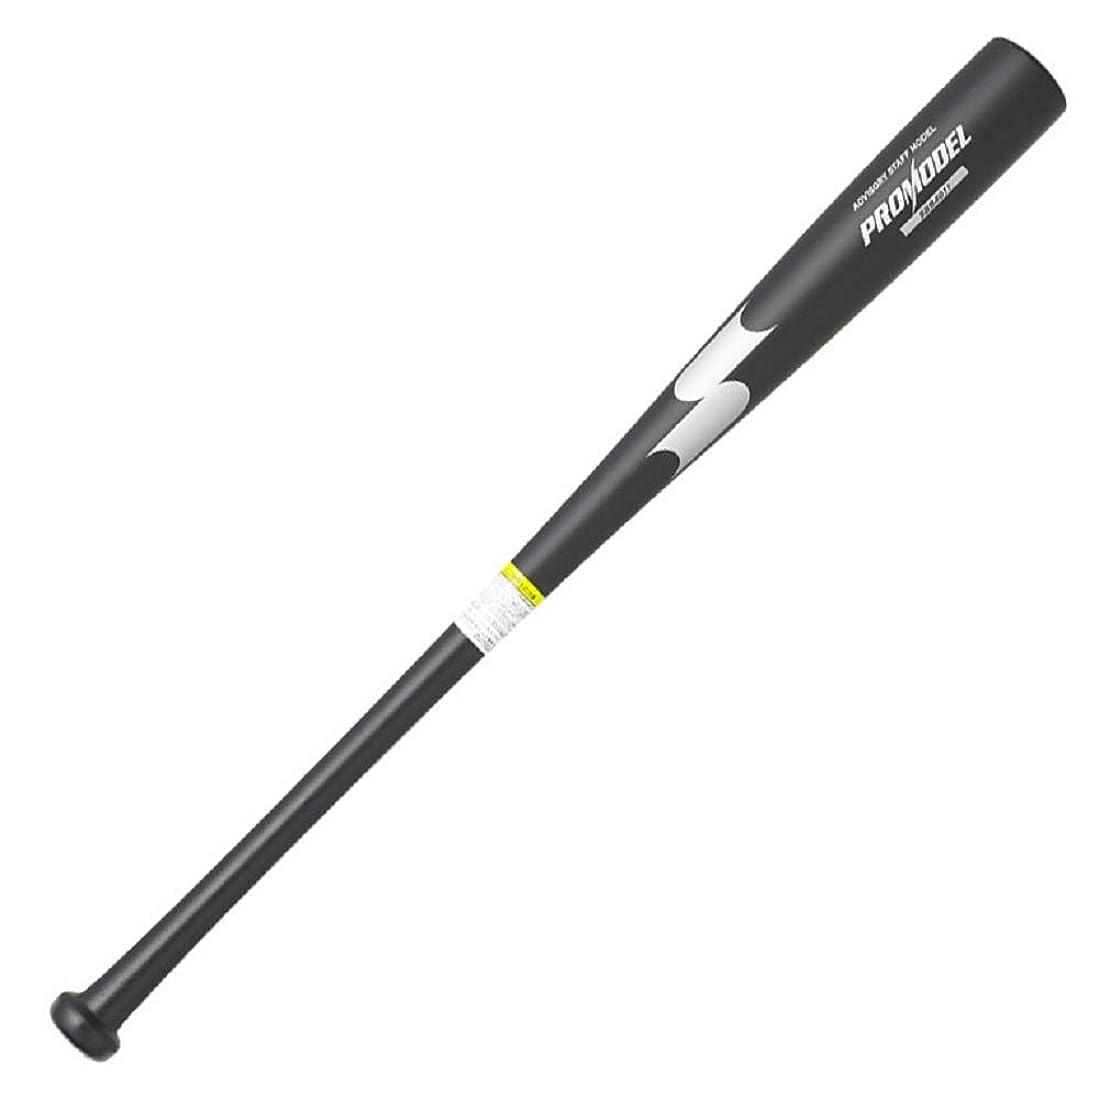 カーフテープリマークSSK(エスエスケイ) 野球 一般軟式木製バット プロモデル 84㎝ SBB4011【2019年春夏モデル】